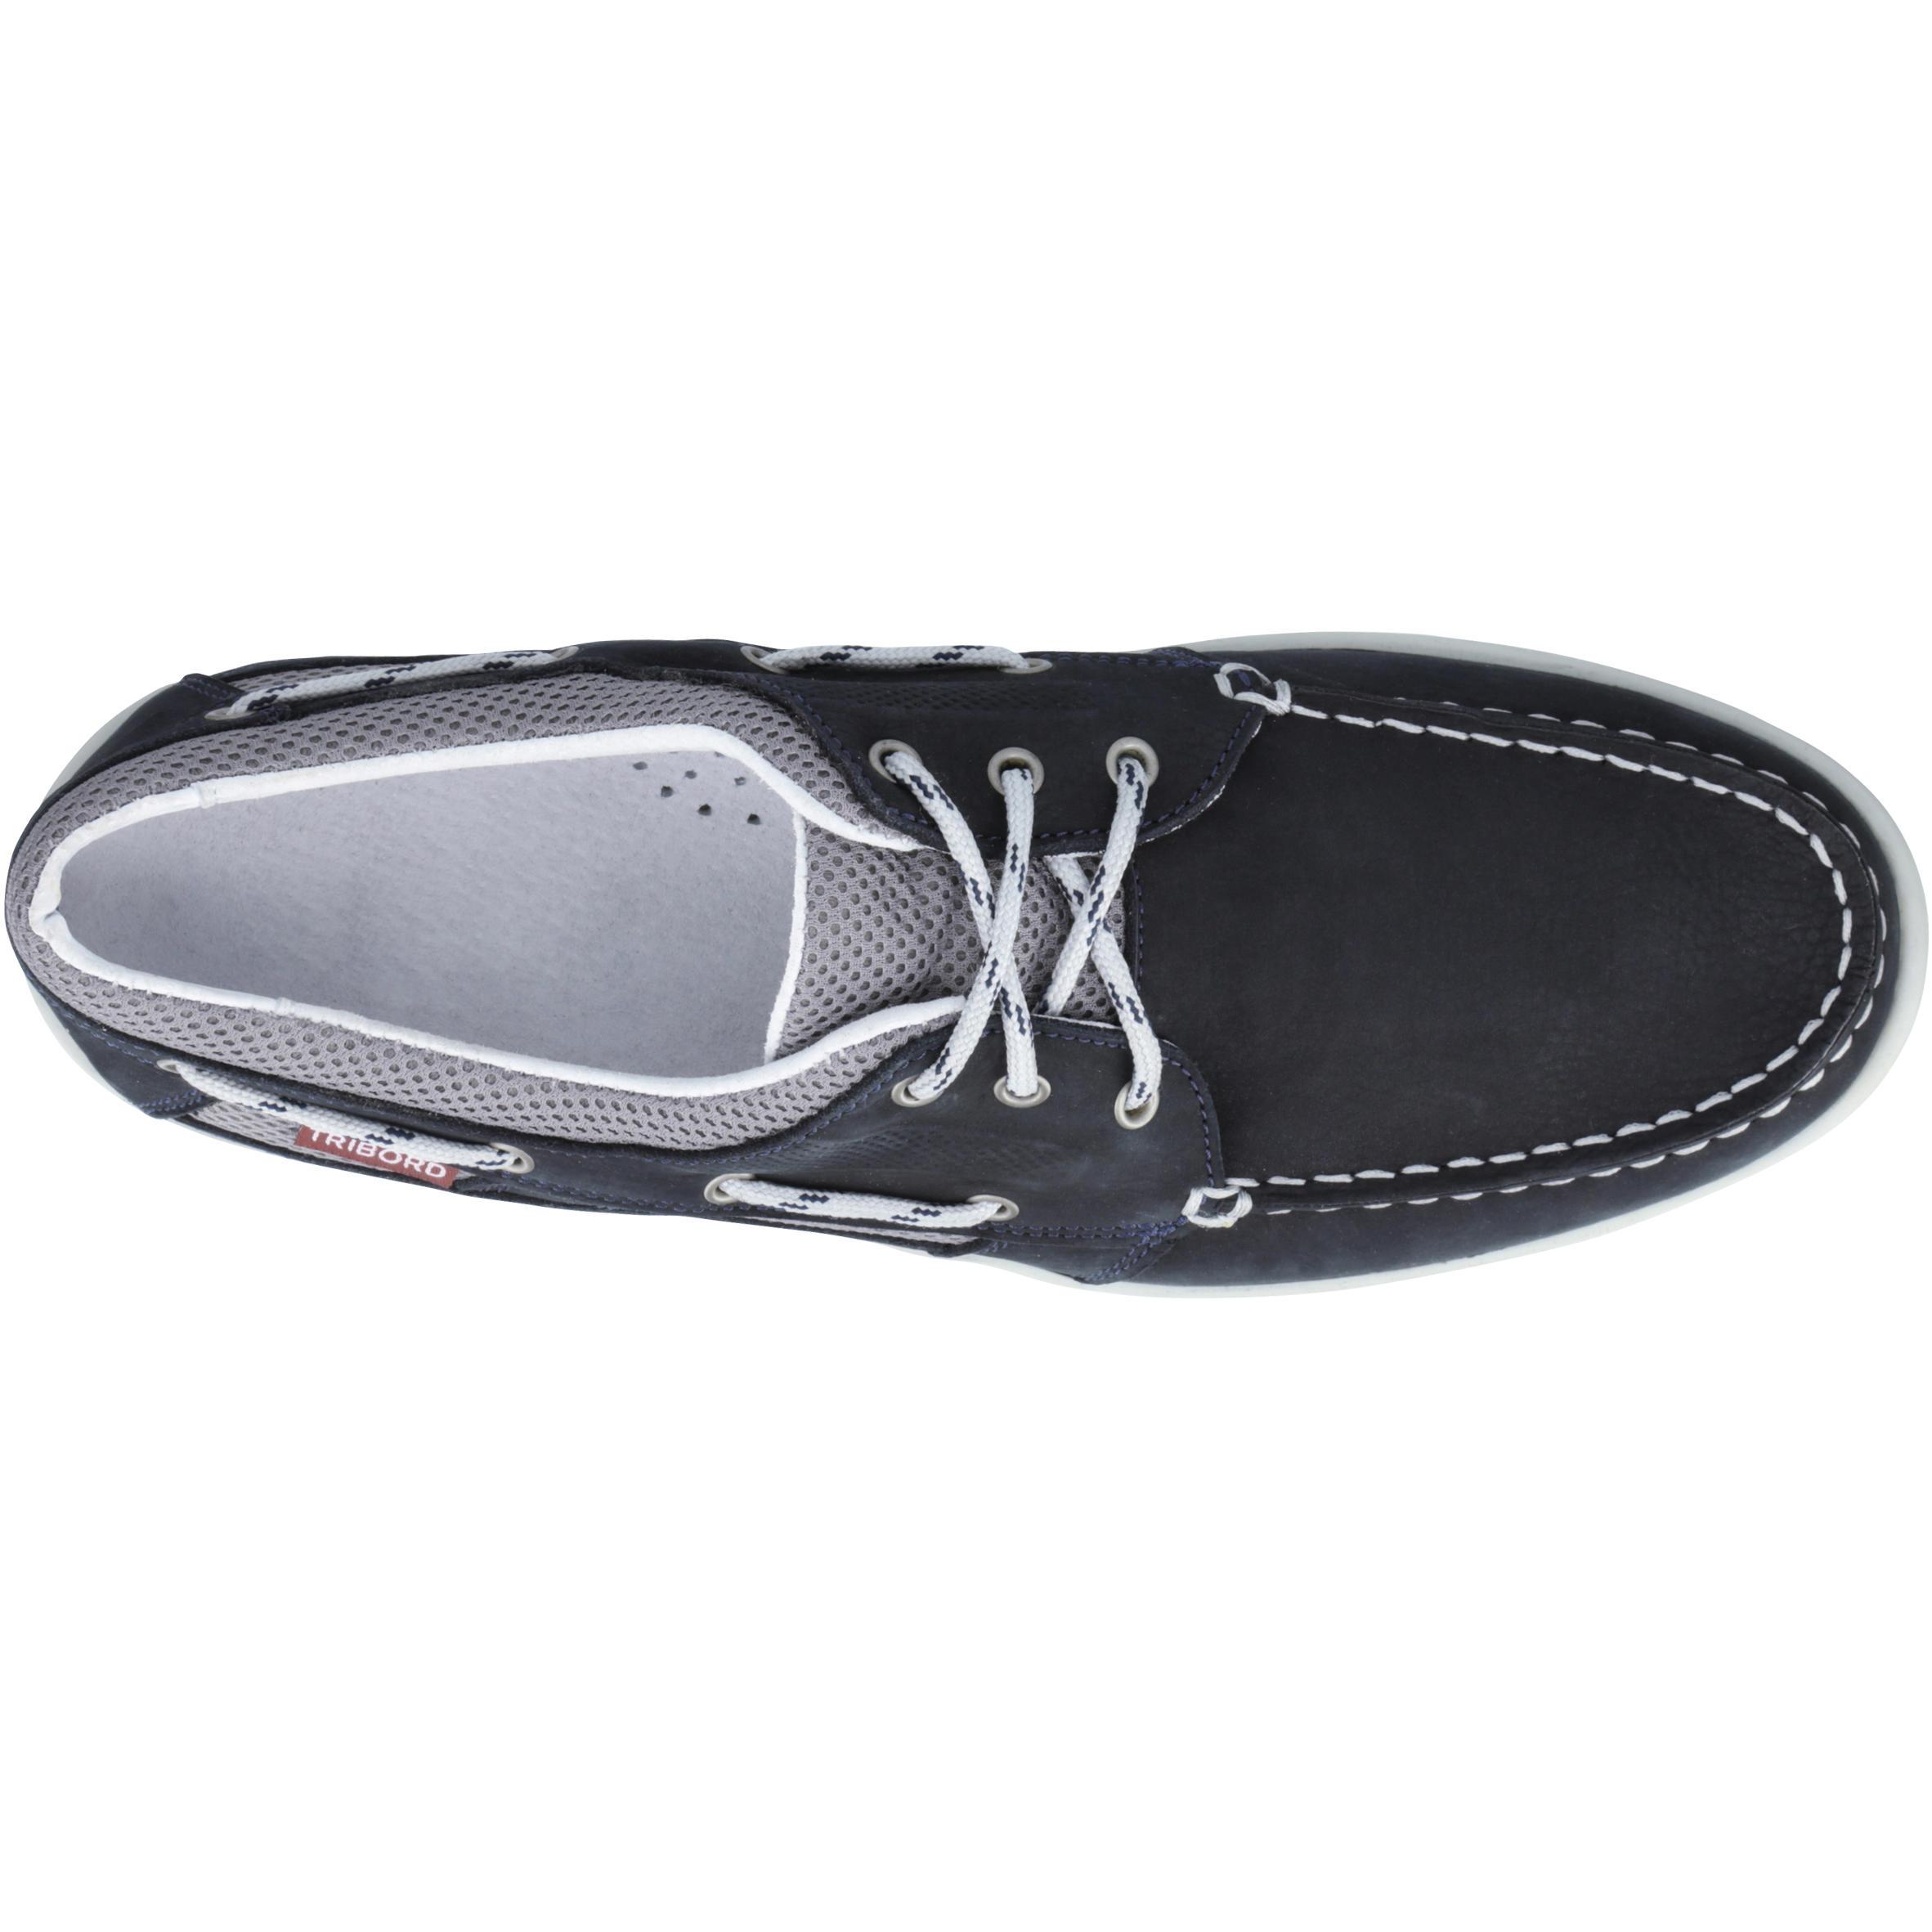 Chaussures bateau cuir homme CLIPPER bleu marine